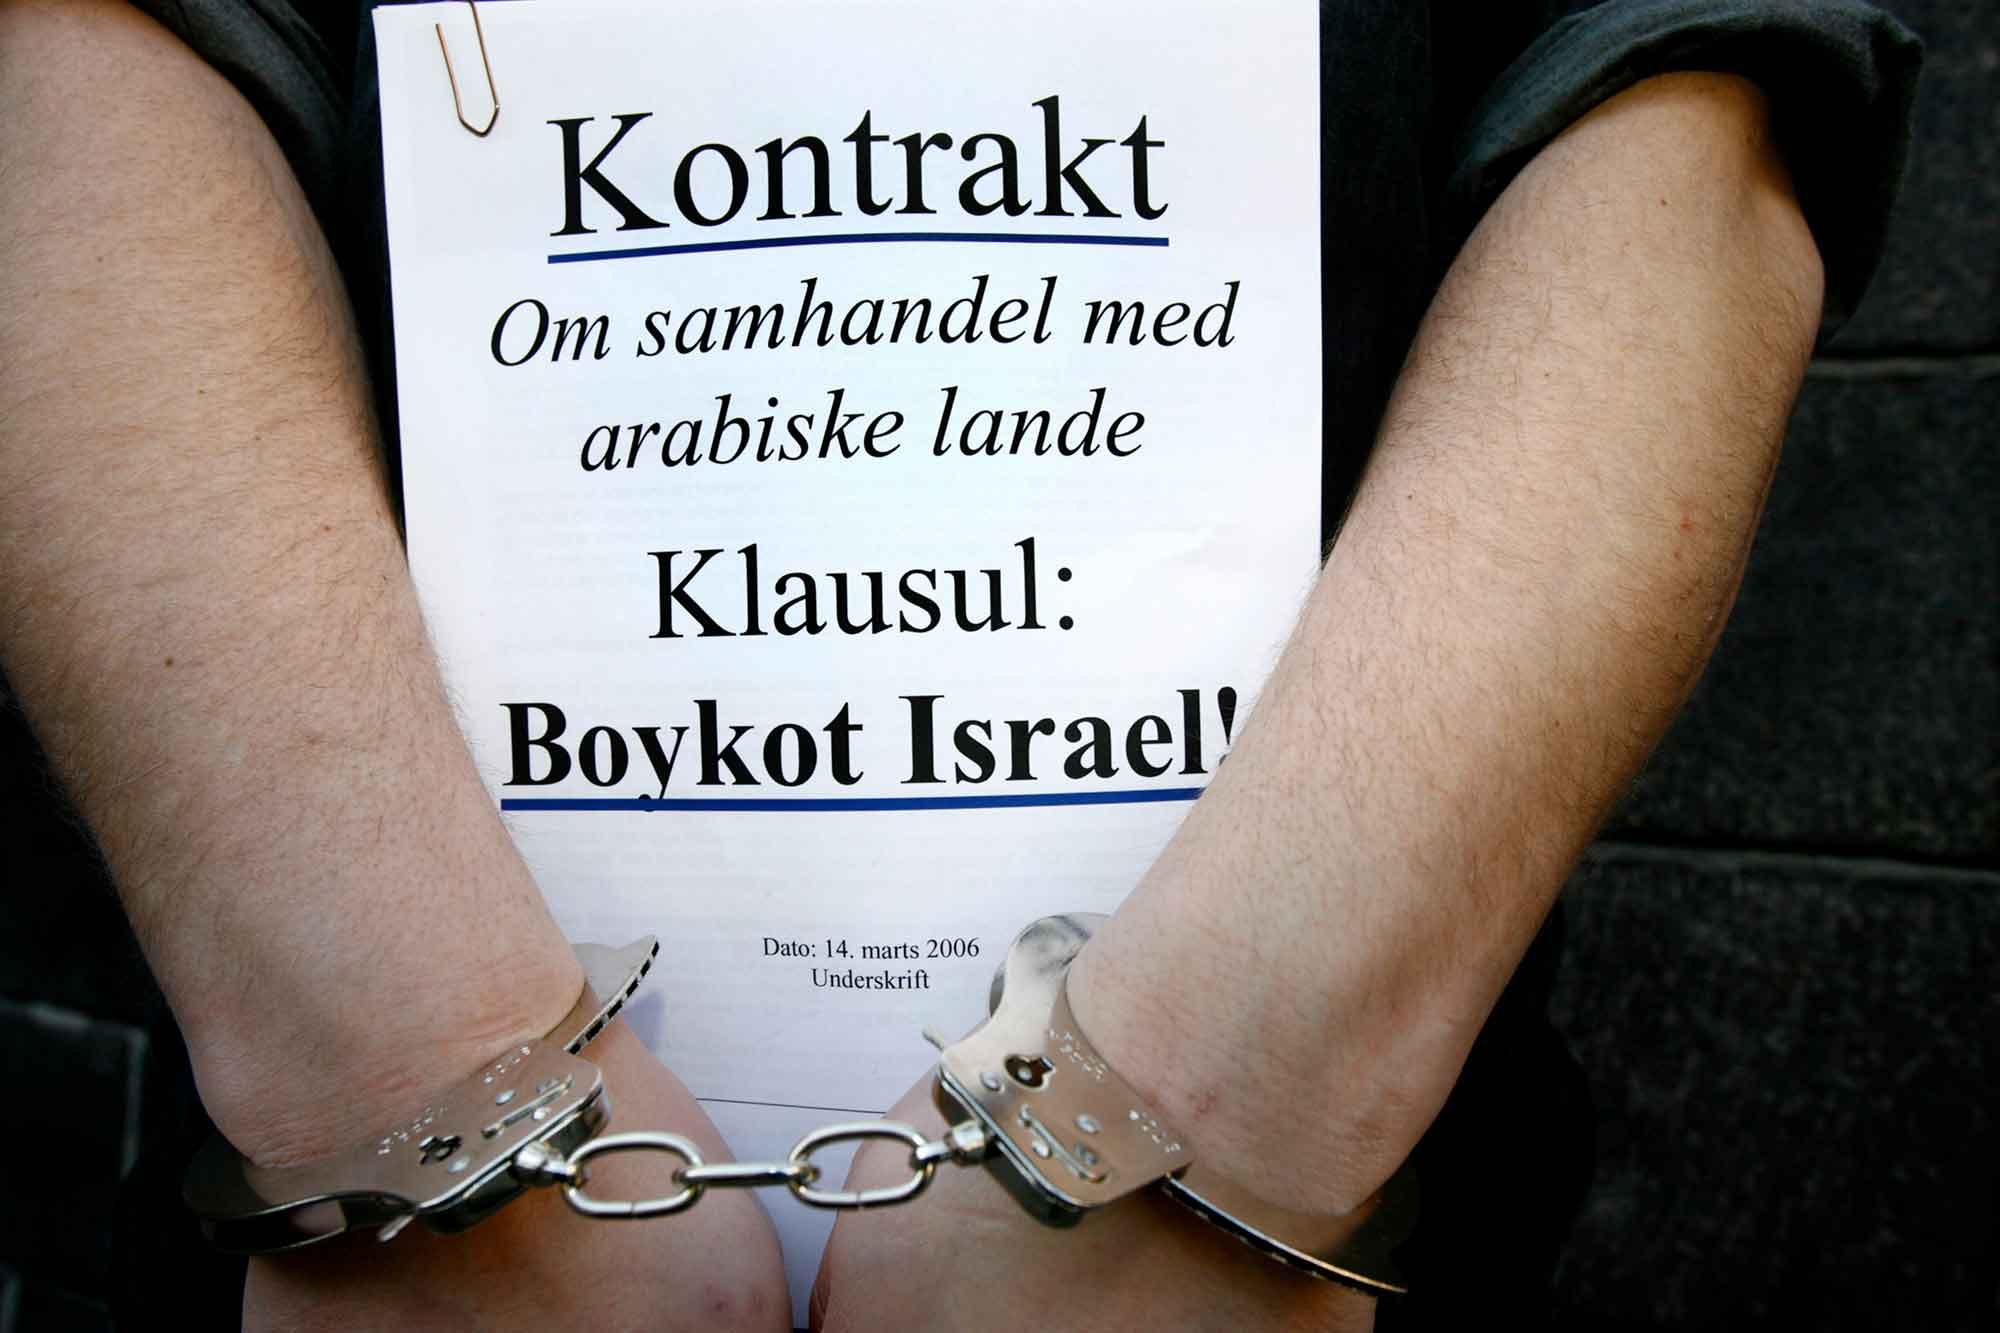 Arabiske landes klausul vedr. samhandel med Israel